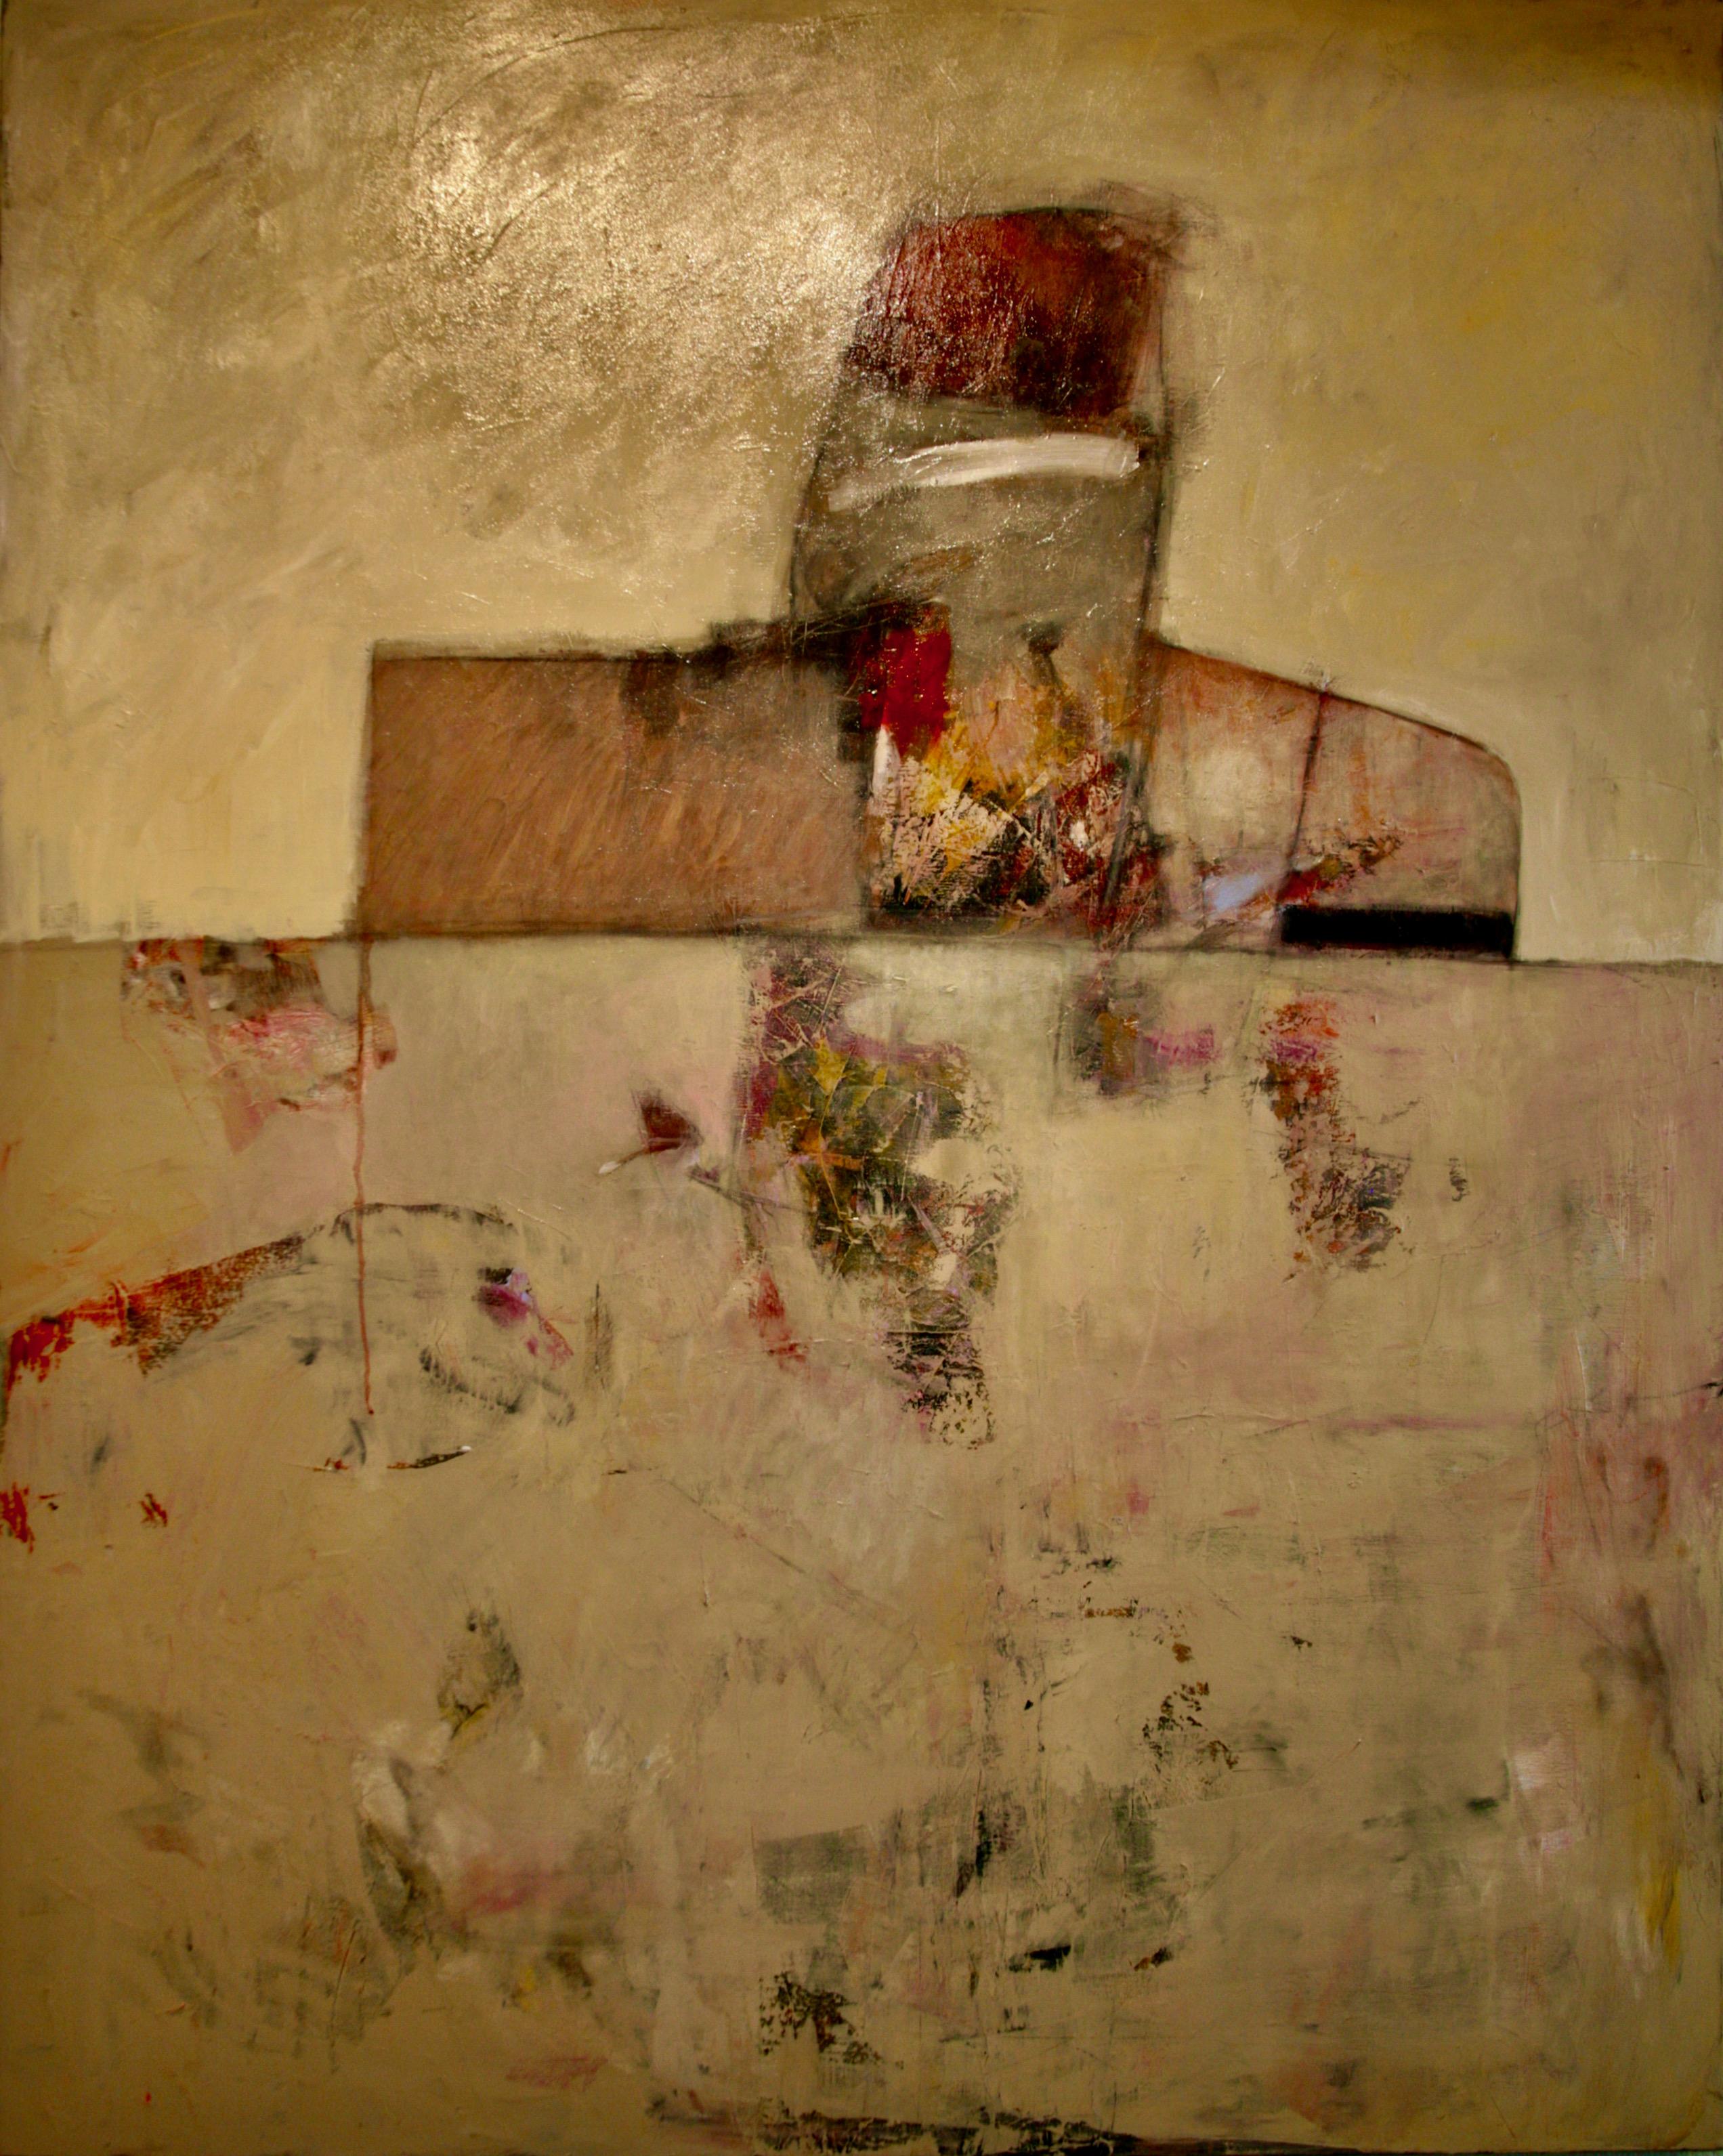 Oleg Bondarenko - Mirage, oil painting